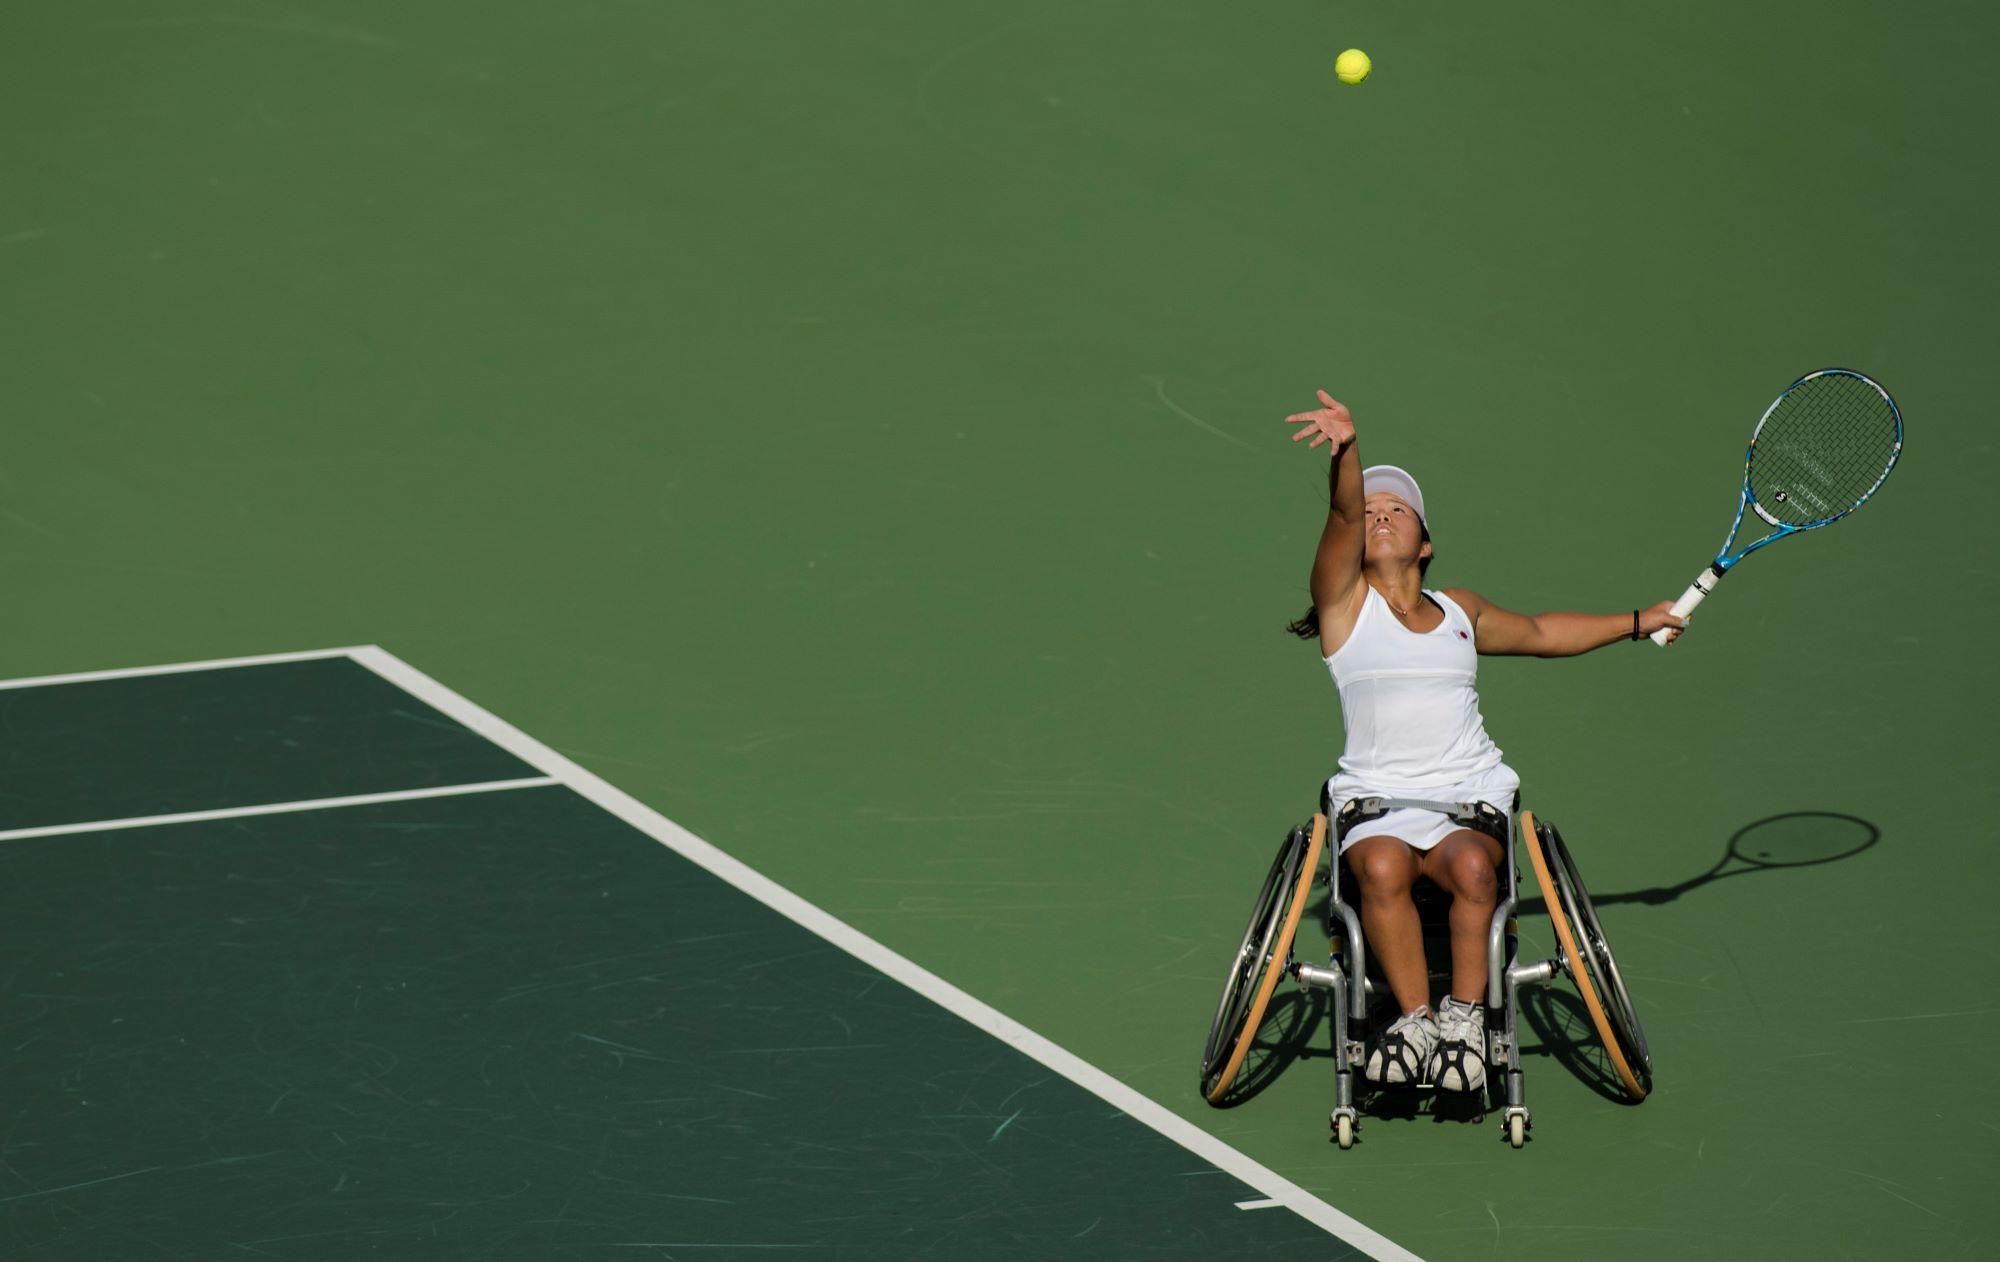 Une joueuse de tennis fauteuil japonaise réalise son service